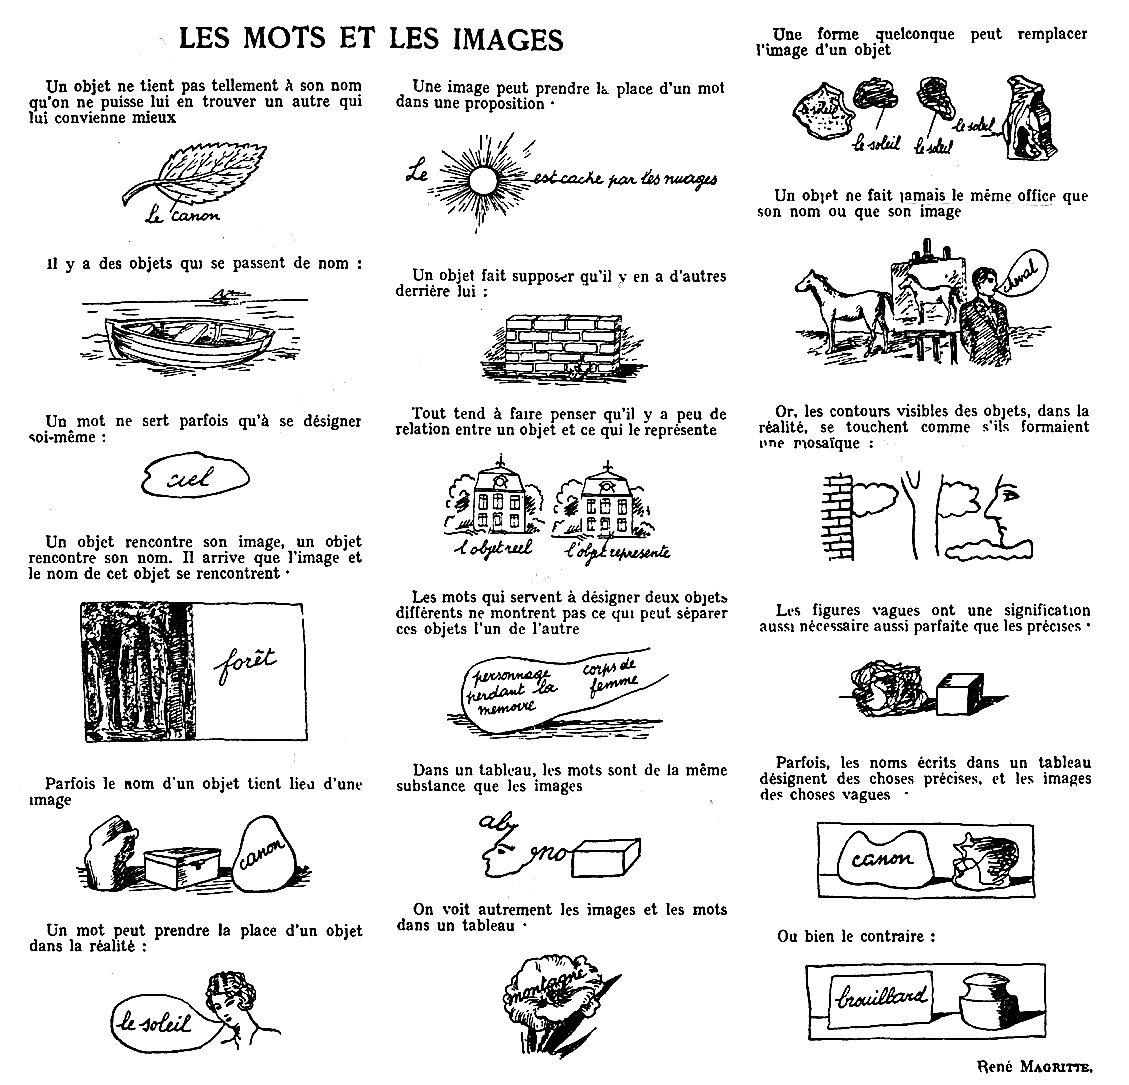 Muzeul Magritte Un Concept Al Integralitatii 3 12 09